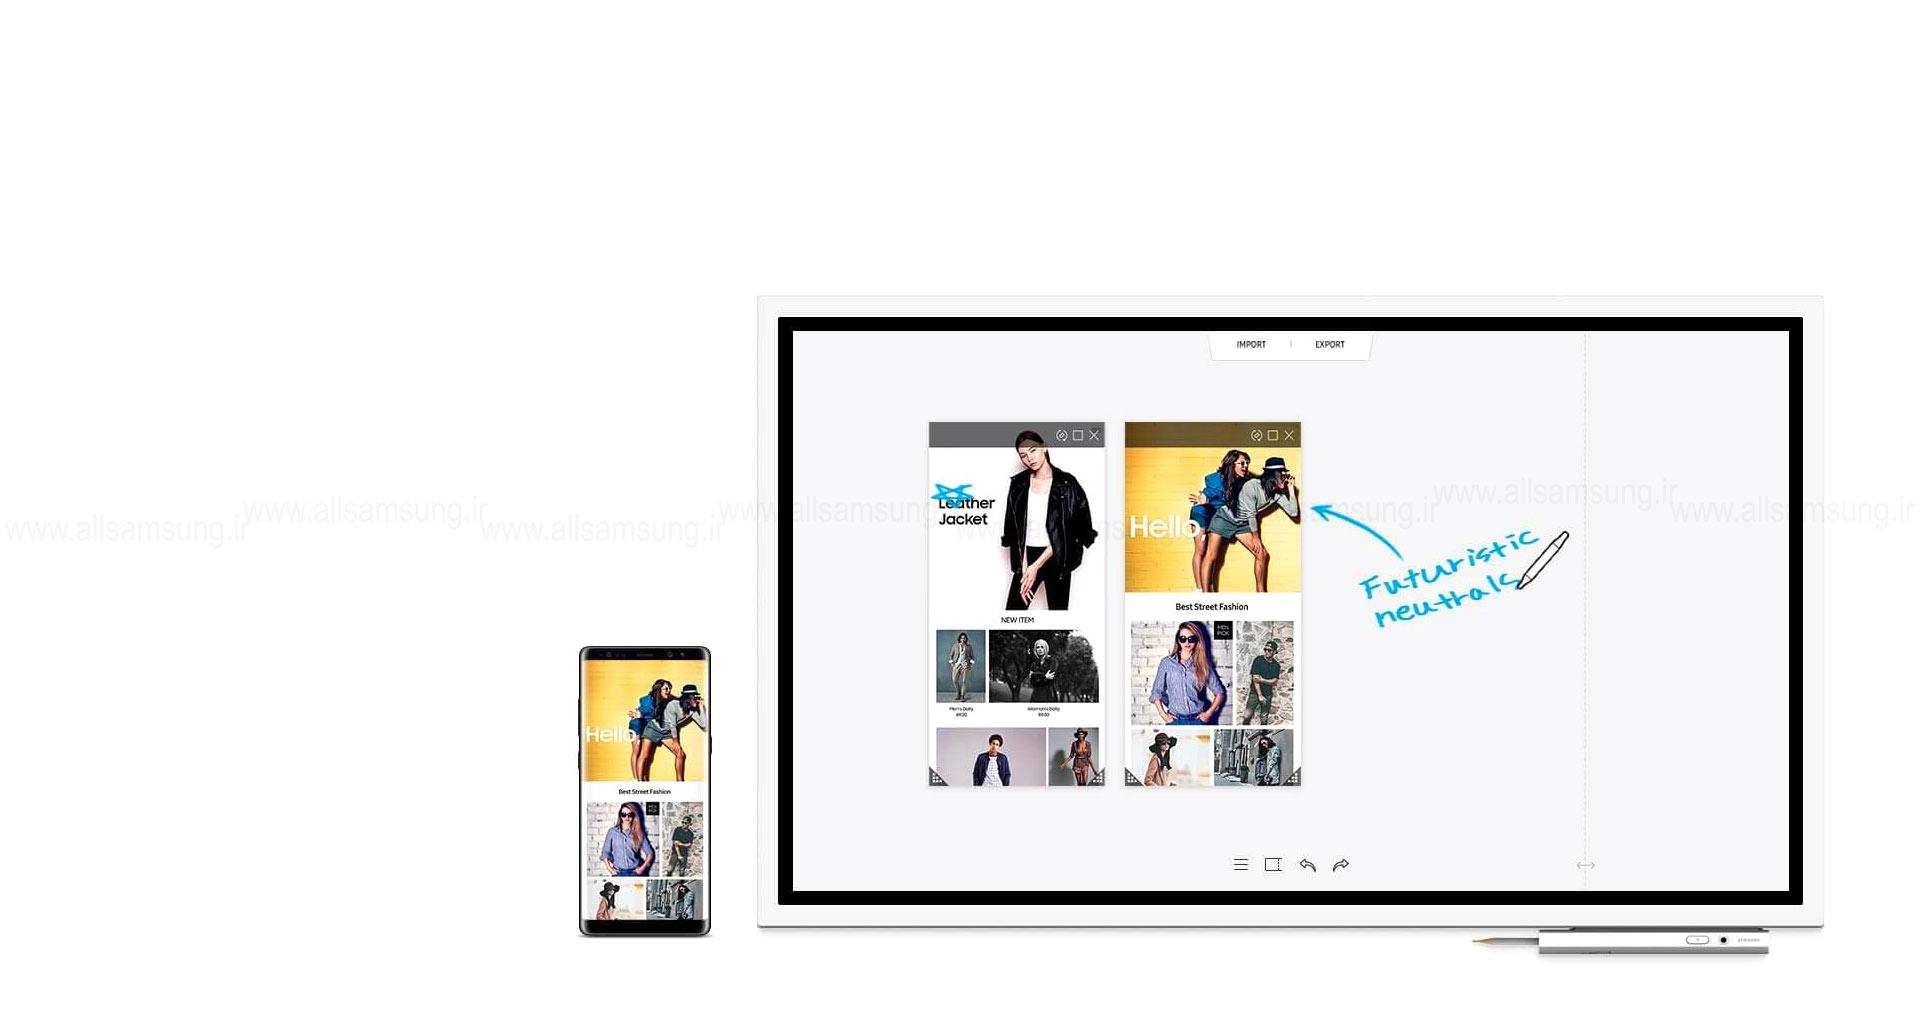 انتقال و دریافت گروهی نکات مطرح شده در جلسه توسط نمایشگر تعاملی Flip